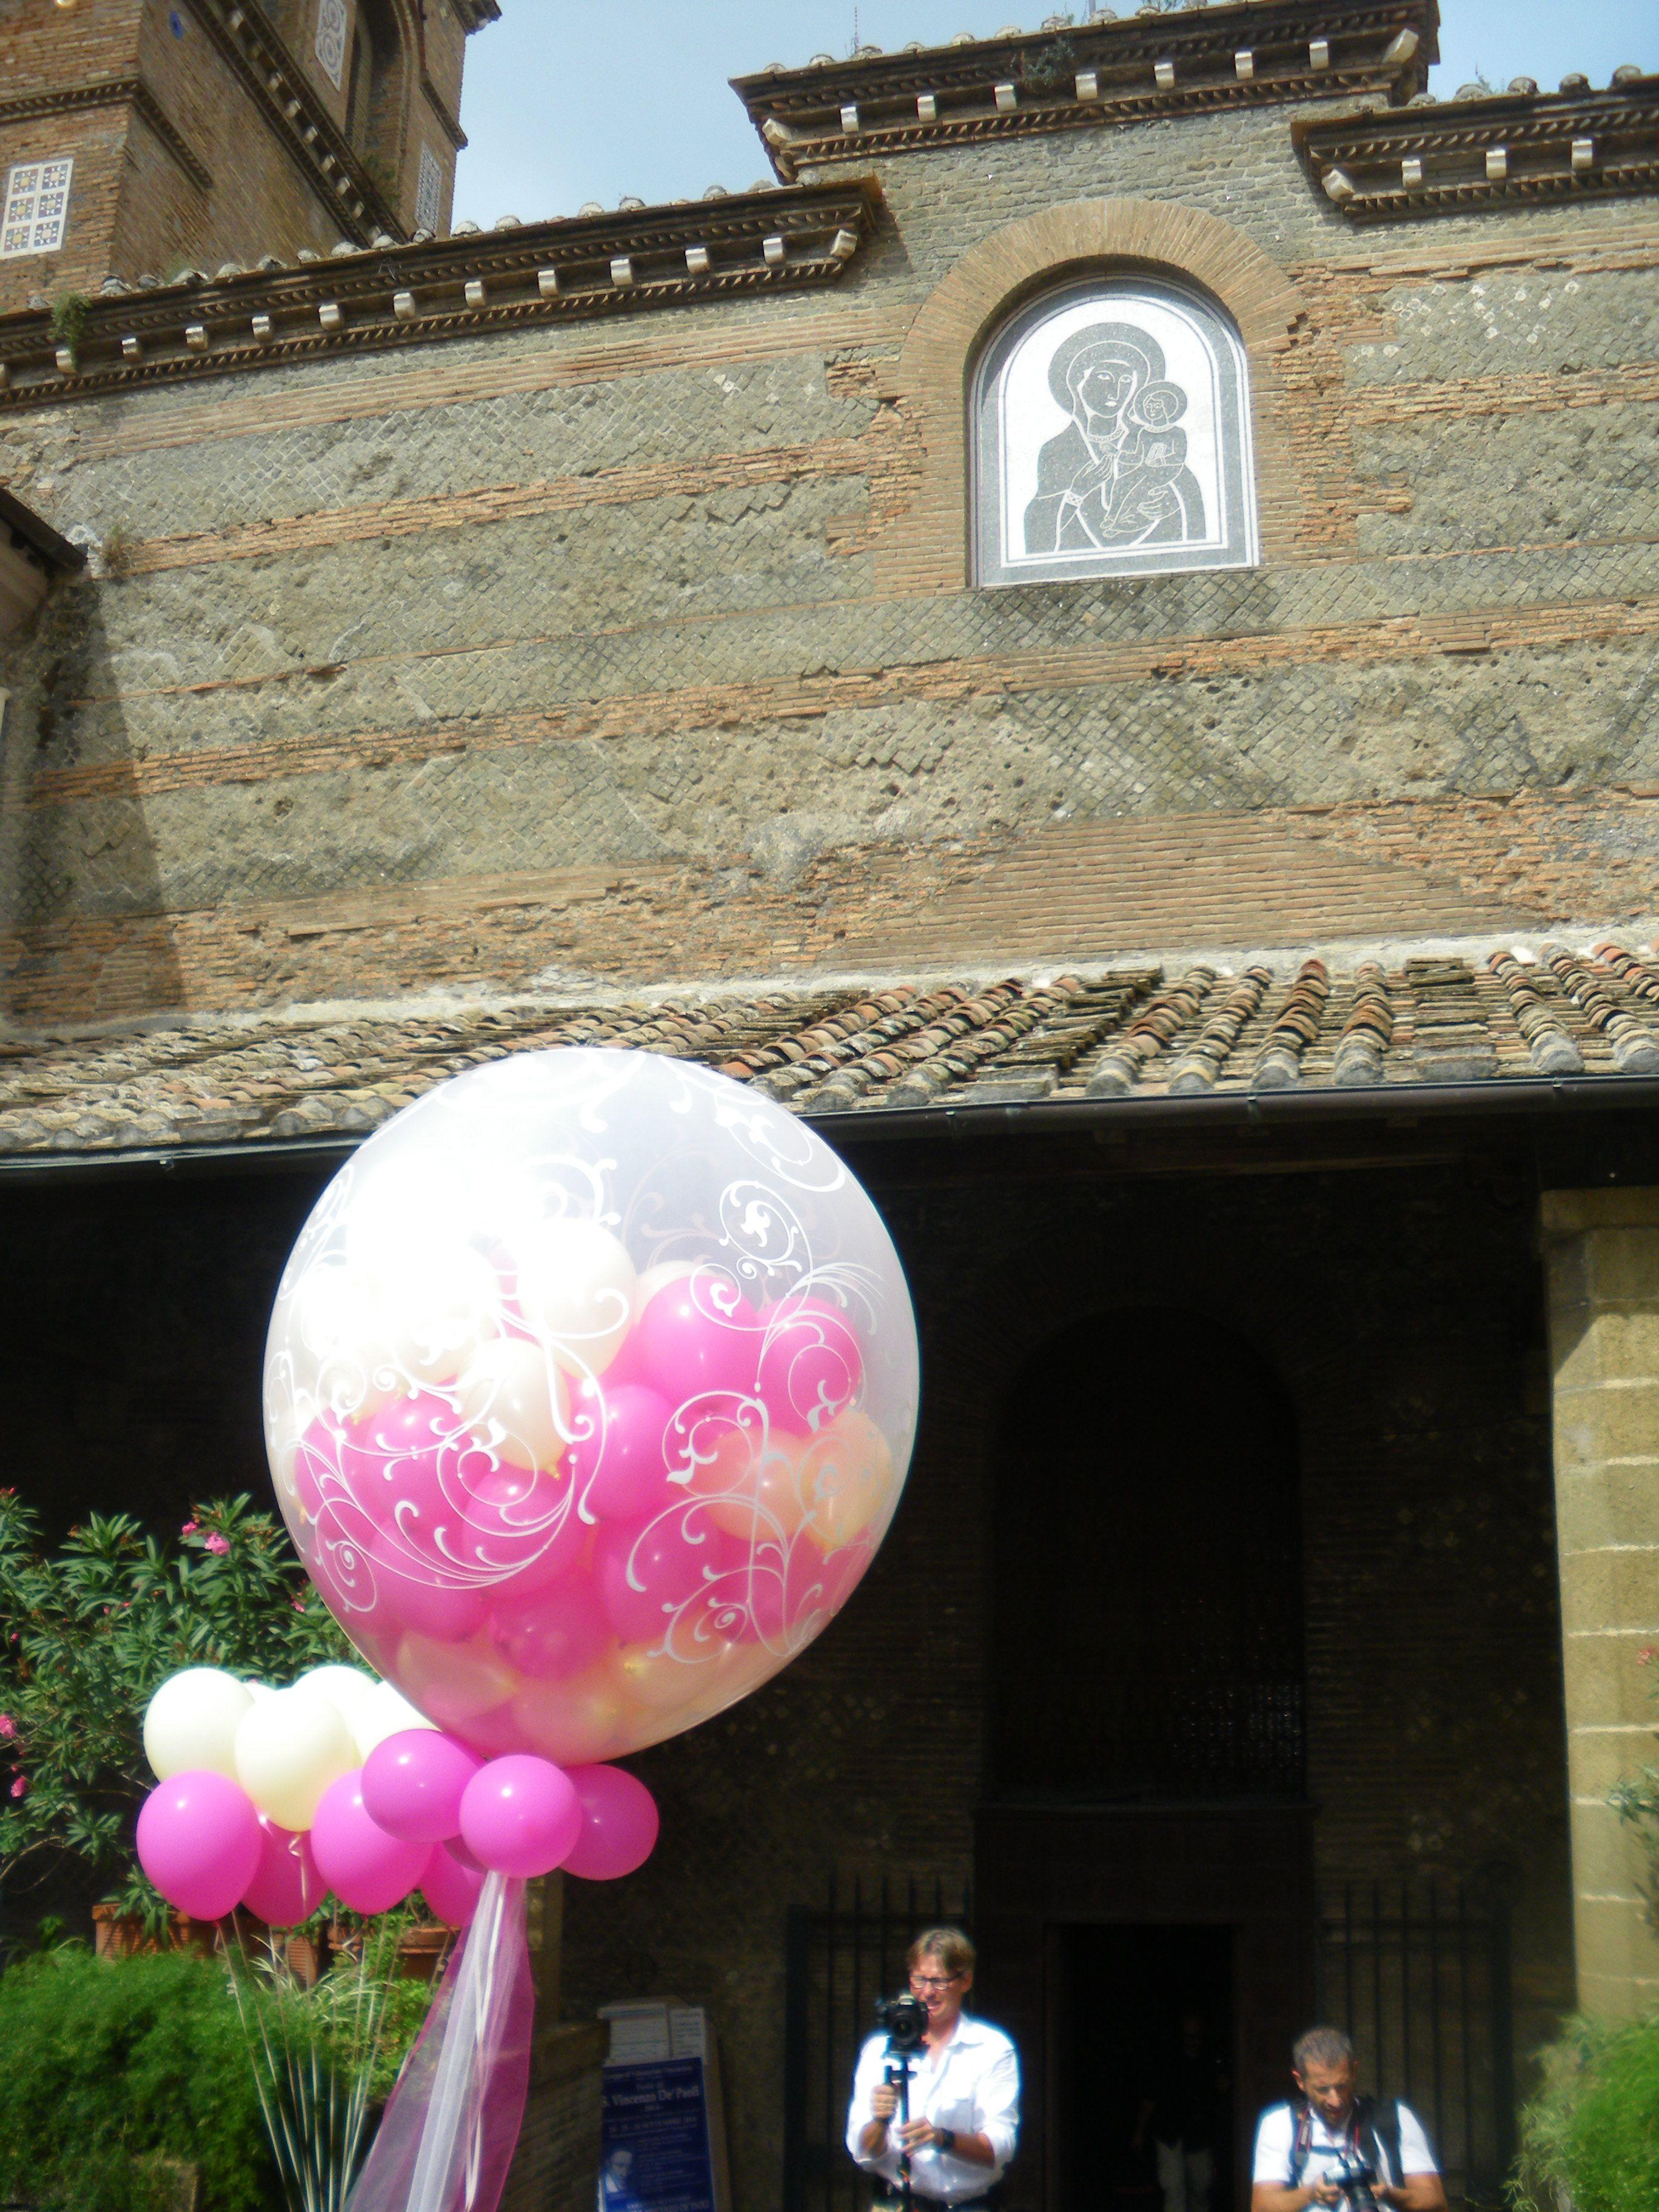 Composizione BIG balloon con palloncini elio per matrimonio, chiesa della Rotonda, Albano Laziale